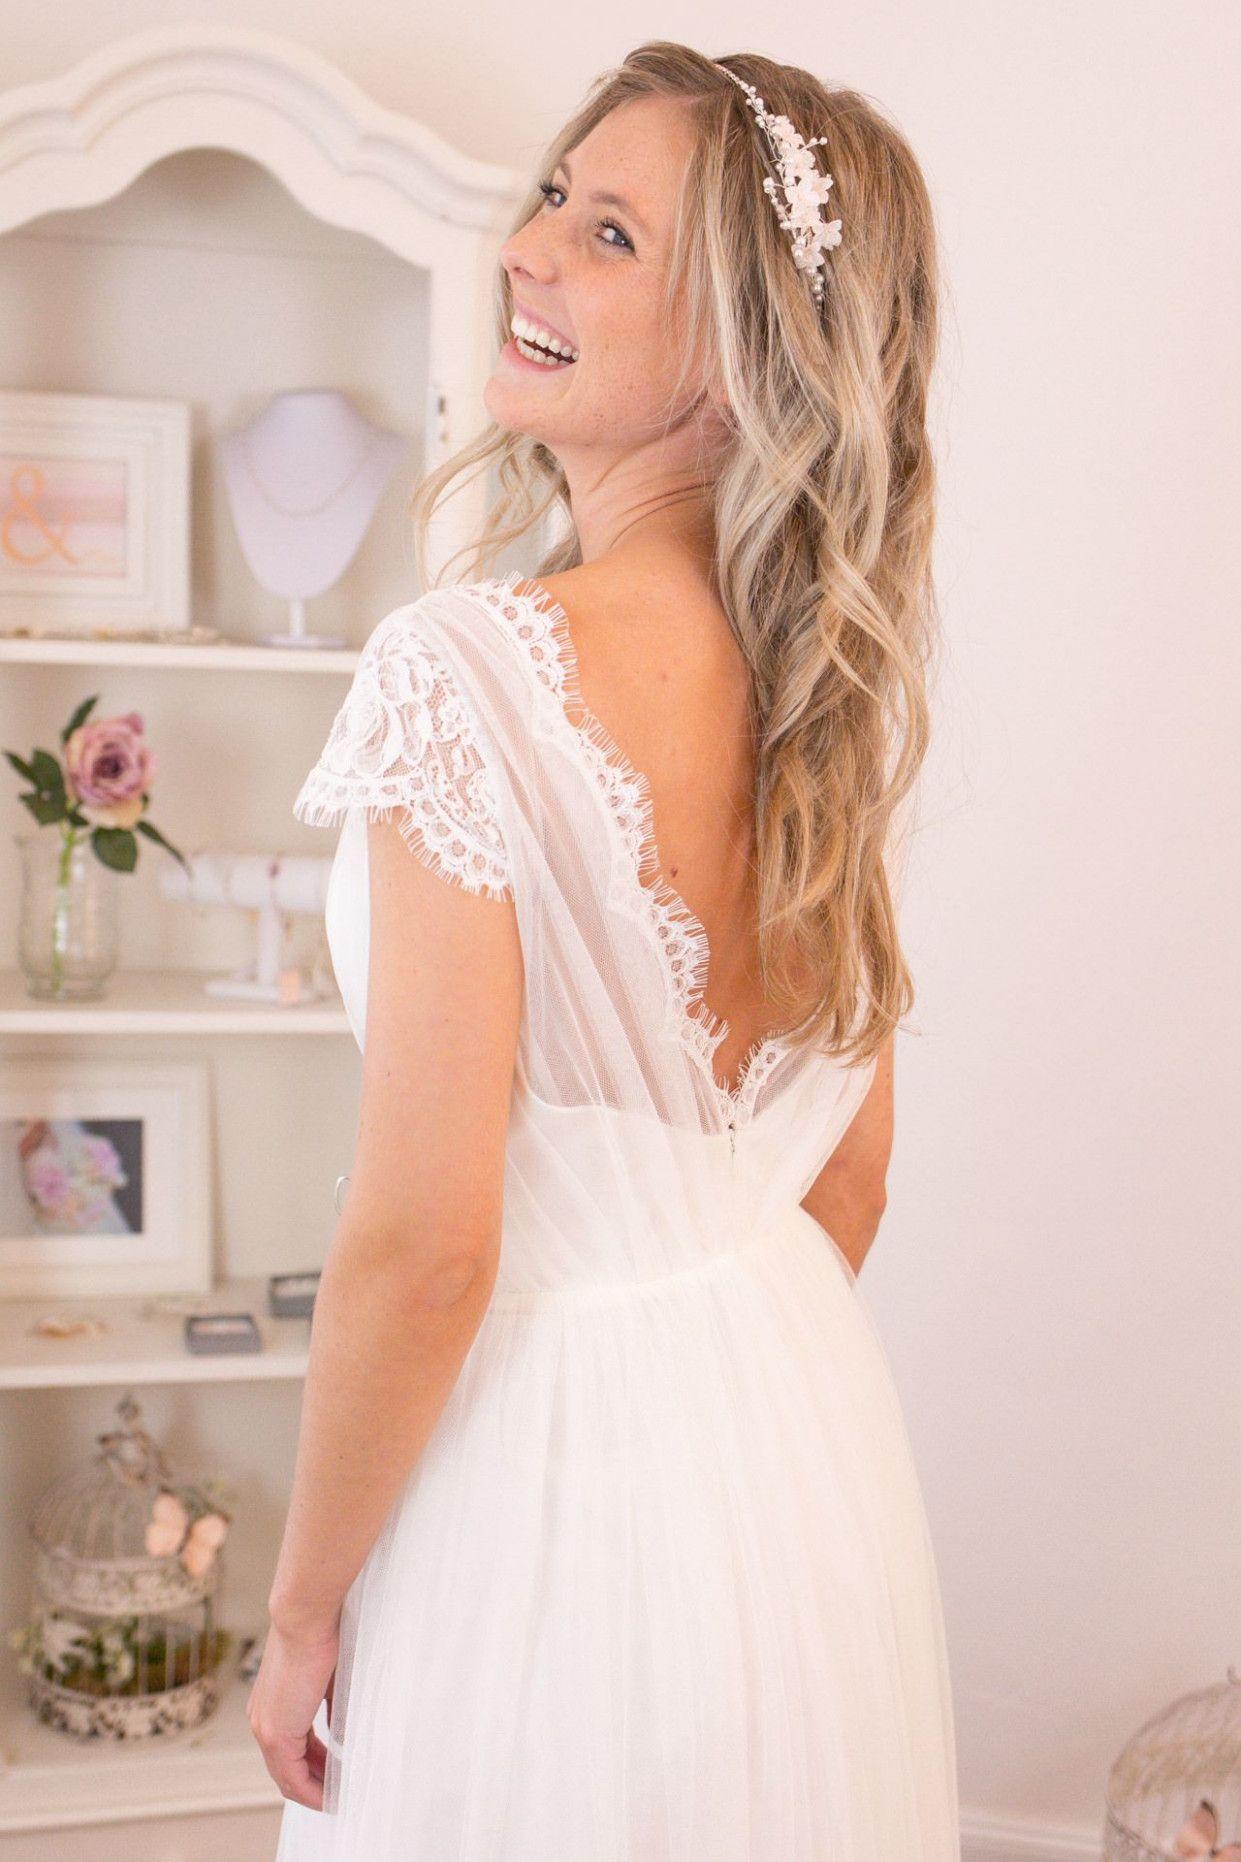 13 Standesamtkleider Für Die Braut 13 Standesamtkleider